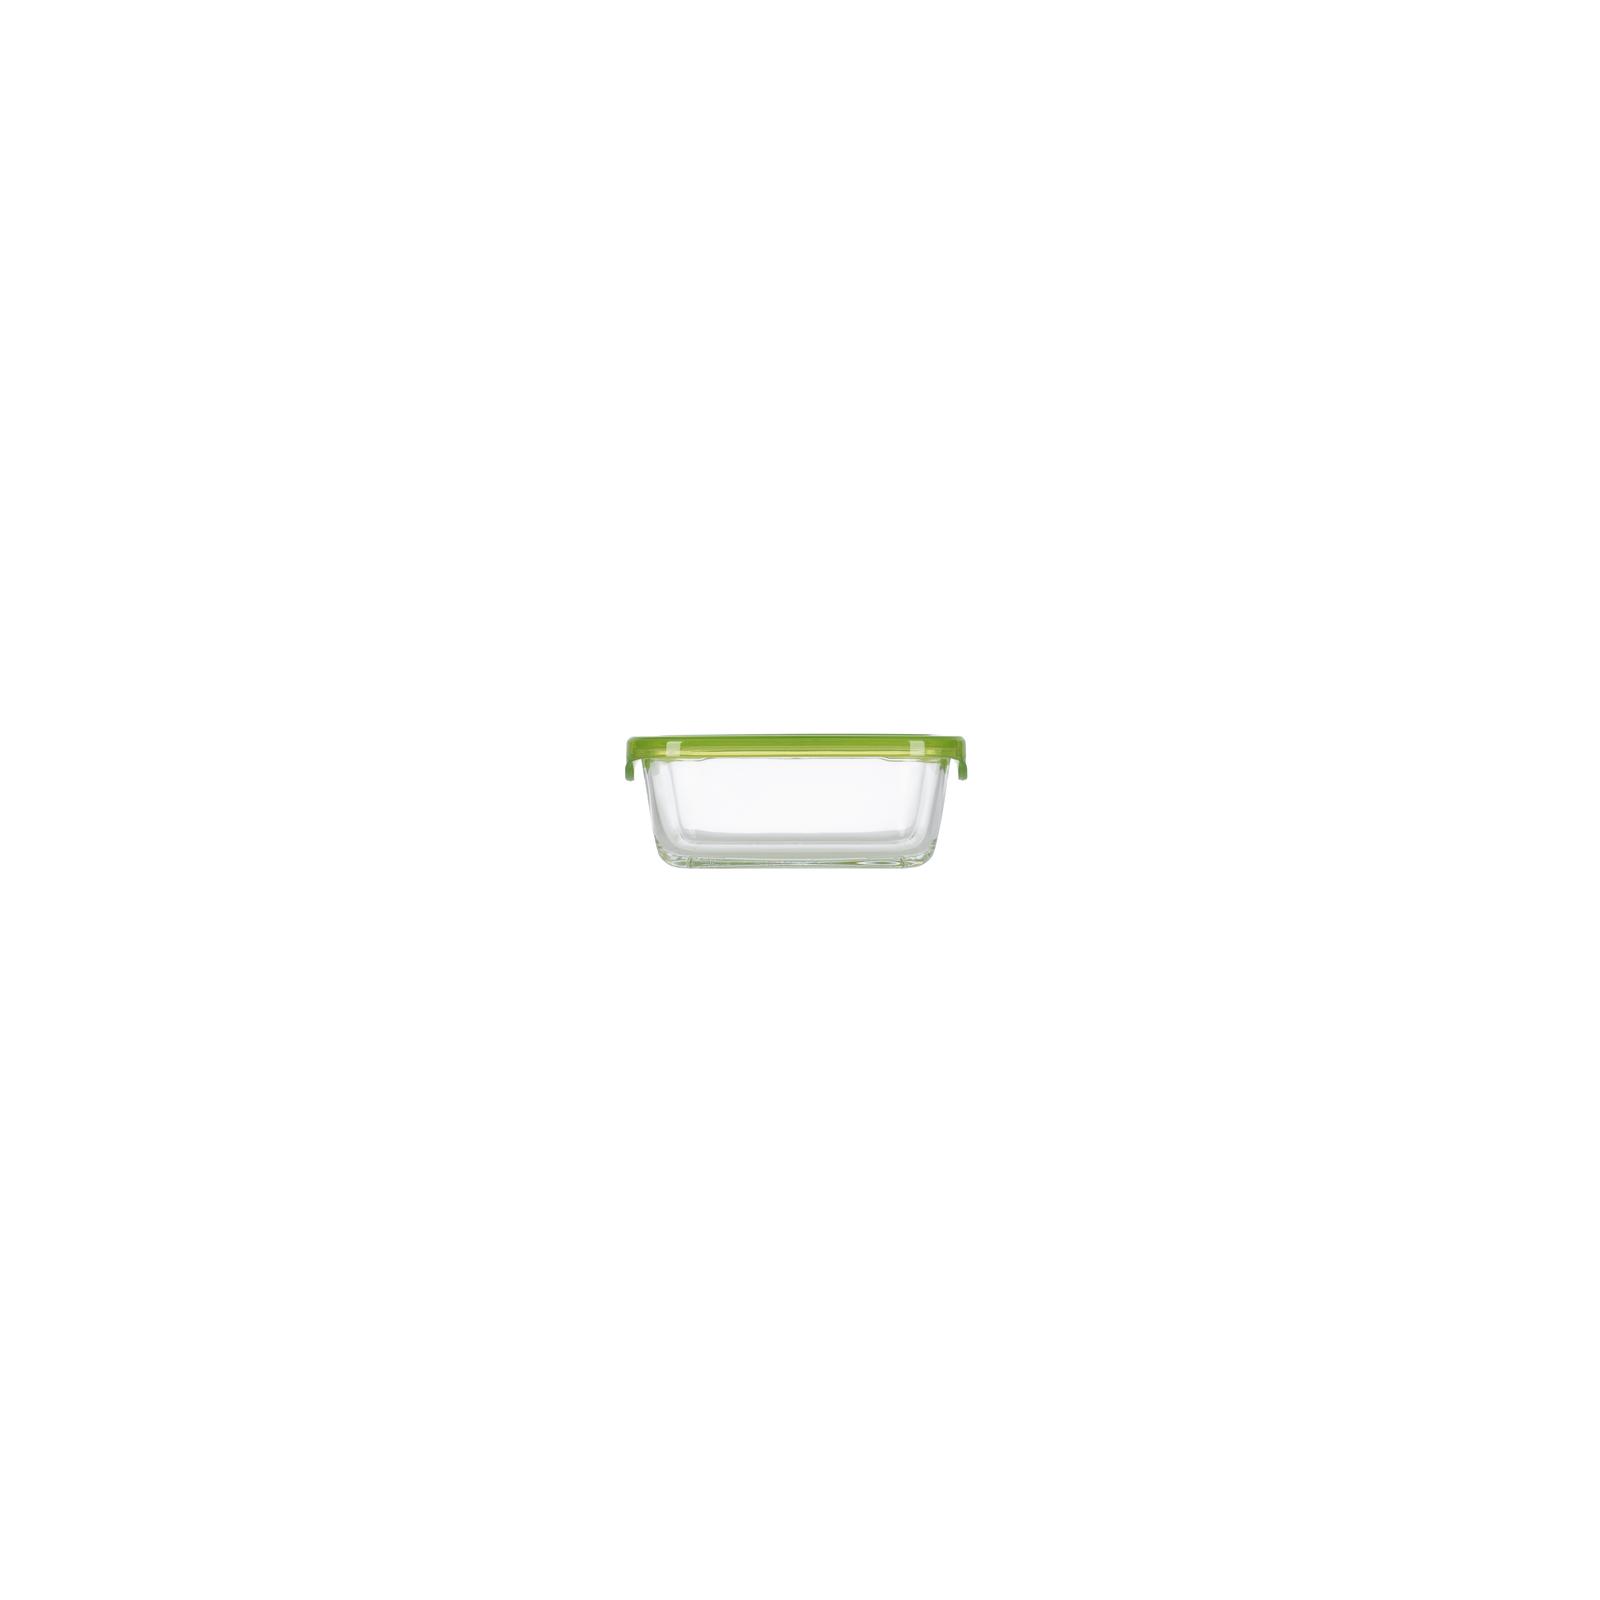 Пищевой контейнер Luminarc Keep'n Box квадр. 380 мл (P4525) изображение 3